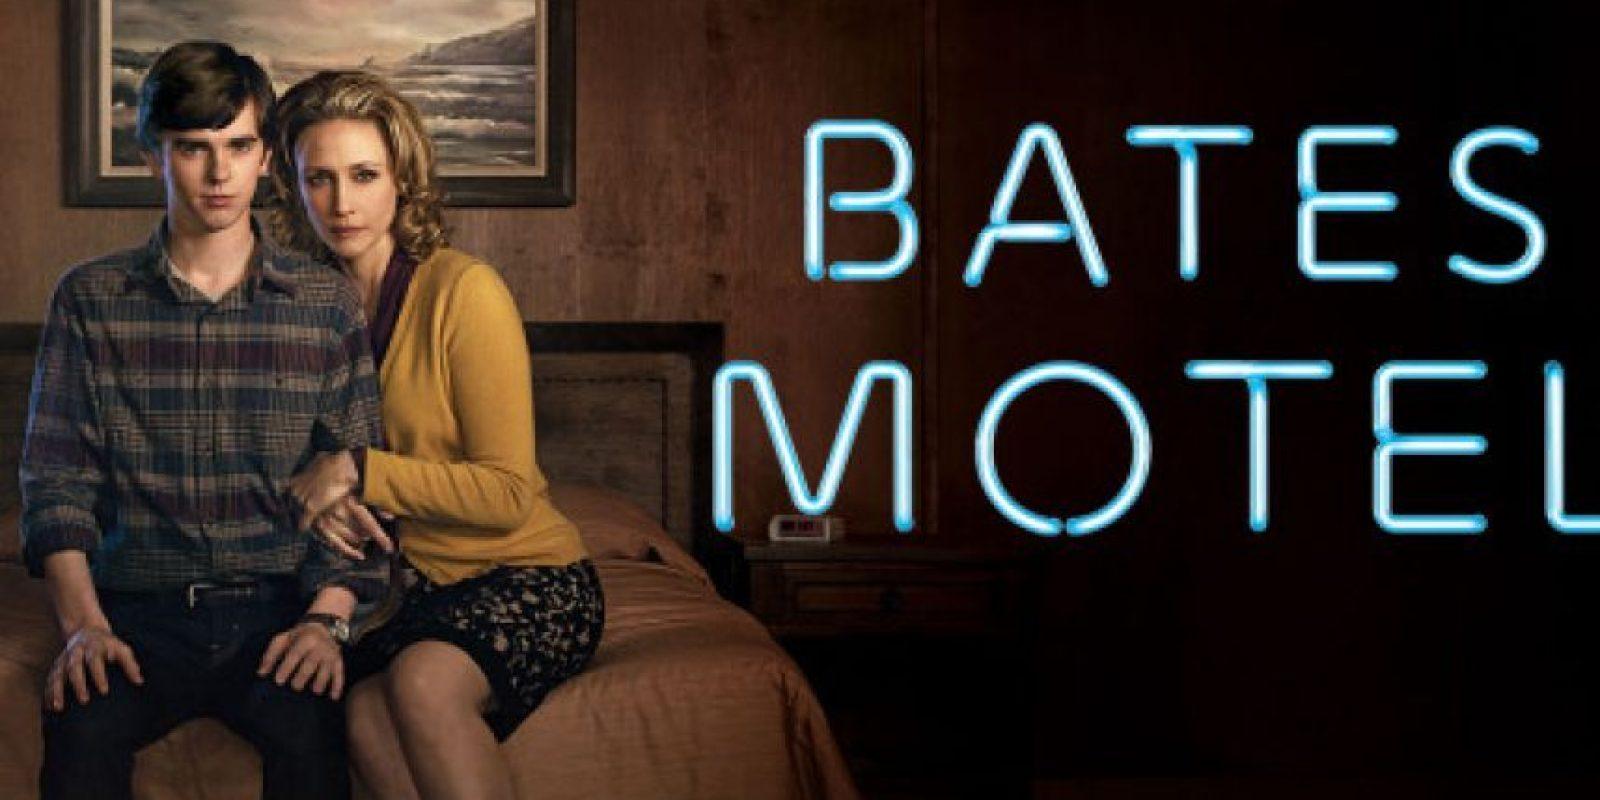 Foto:Bates Motel